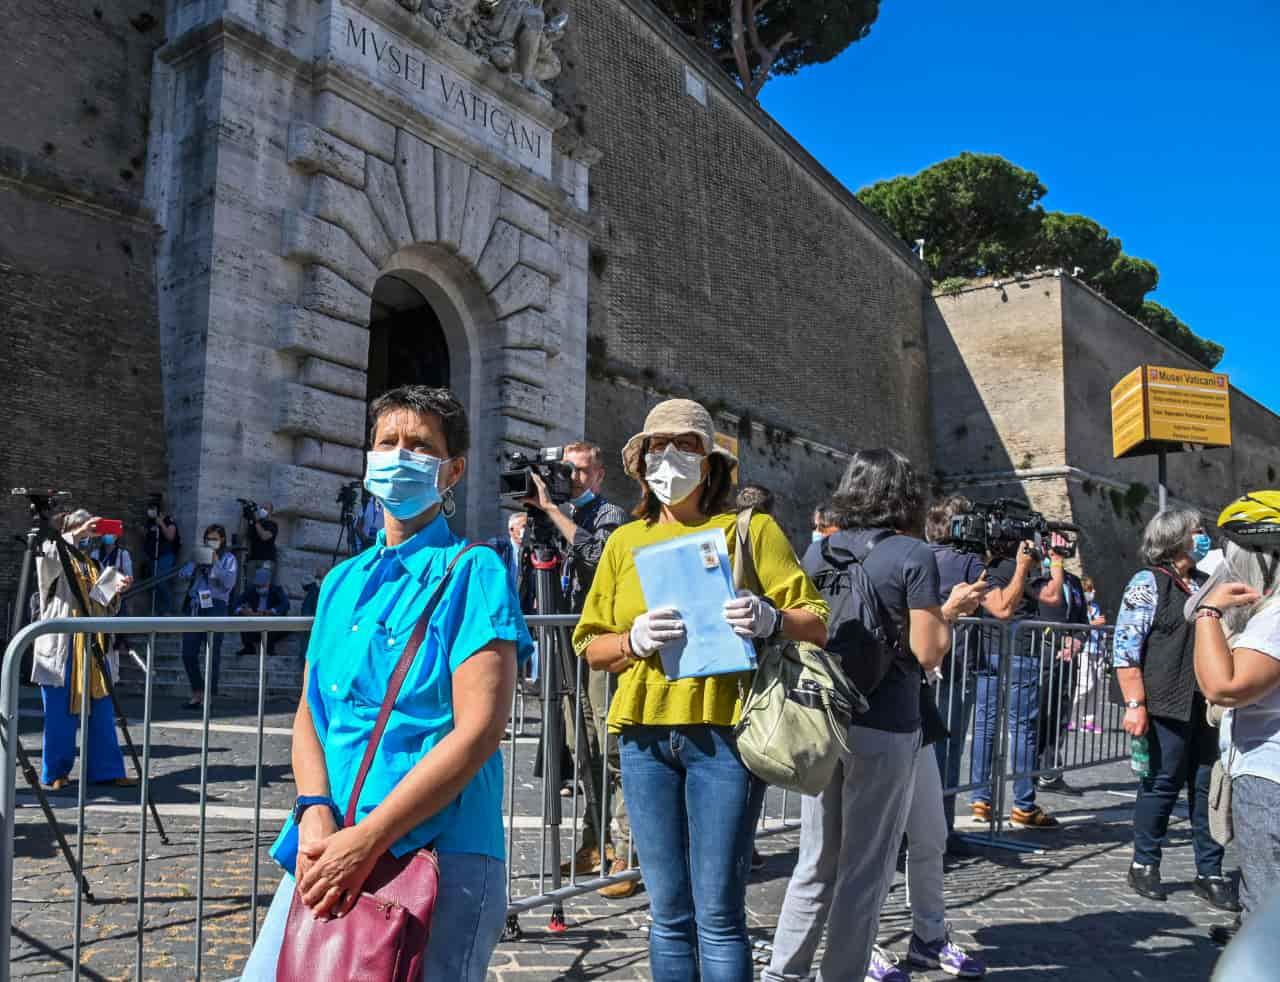 Coronavirus in Italia   Nuovo aumento dei decessi, contagi in calo   Dati al 24 giugno